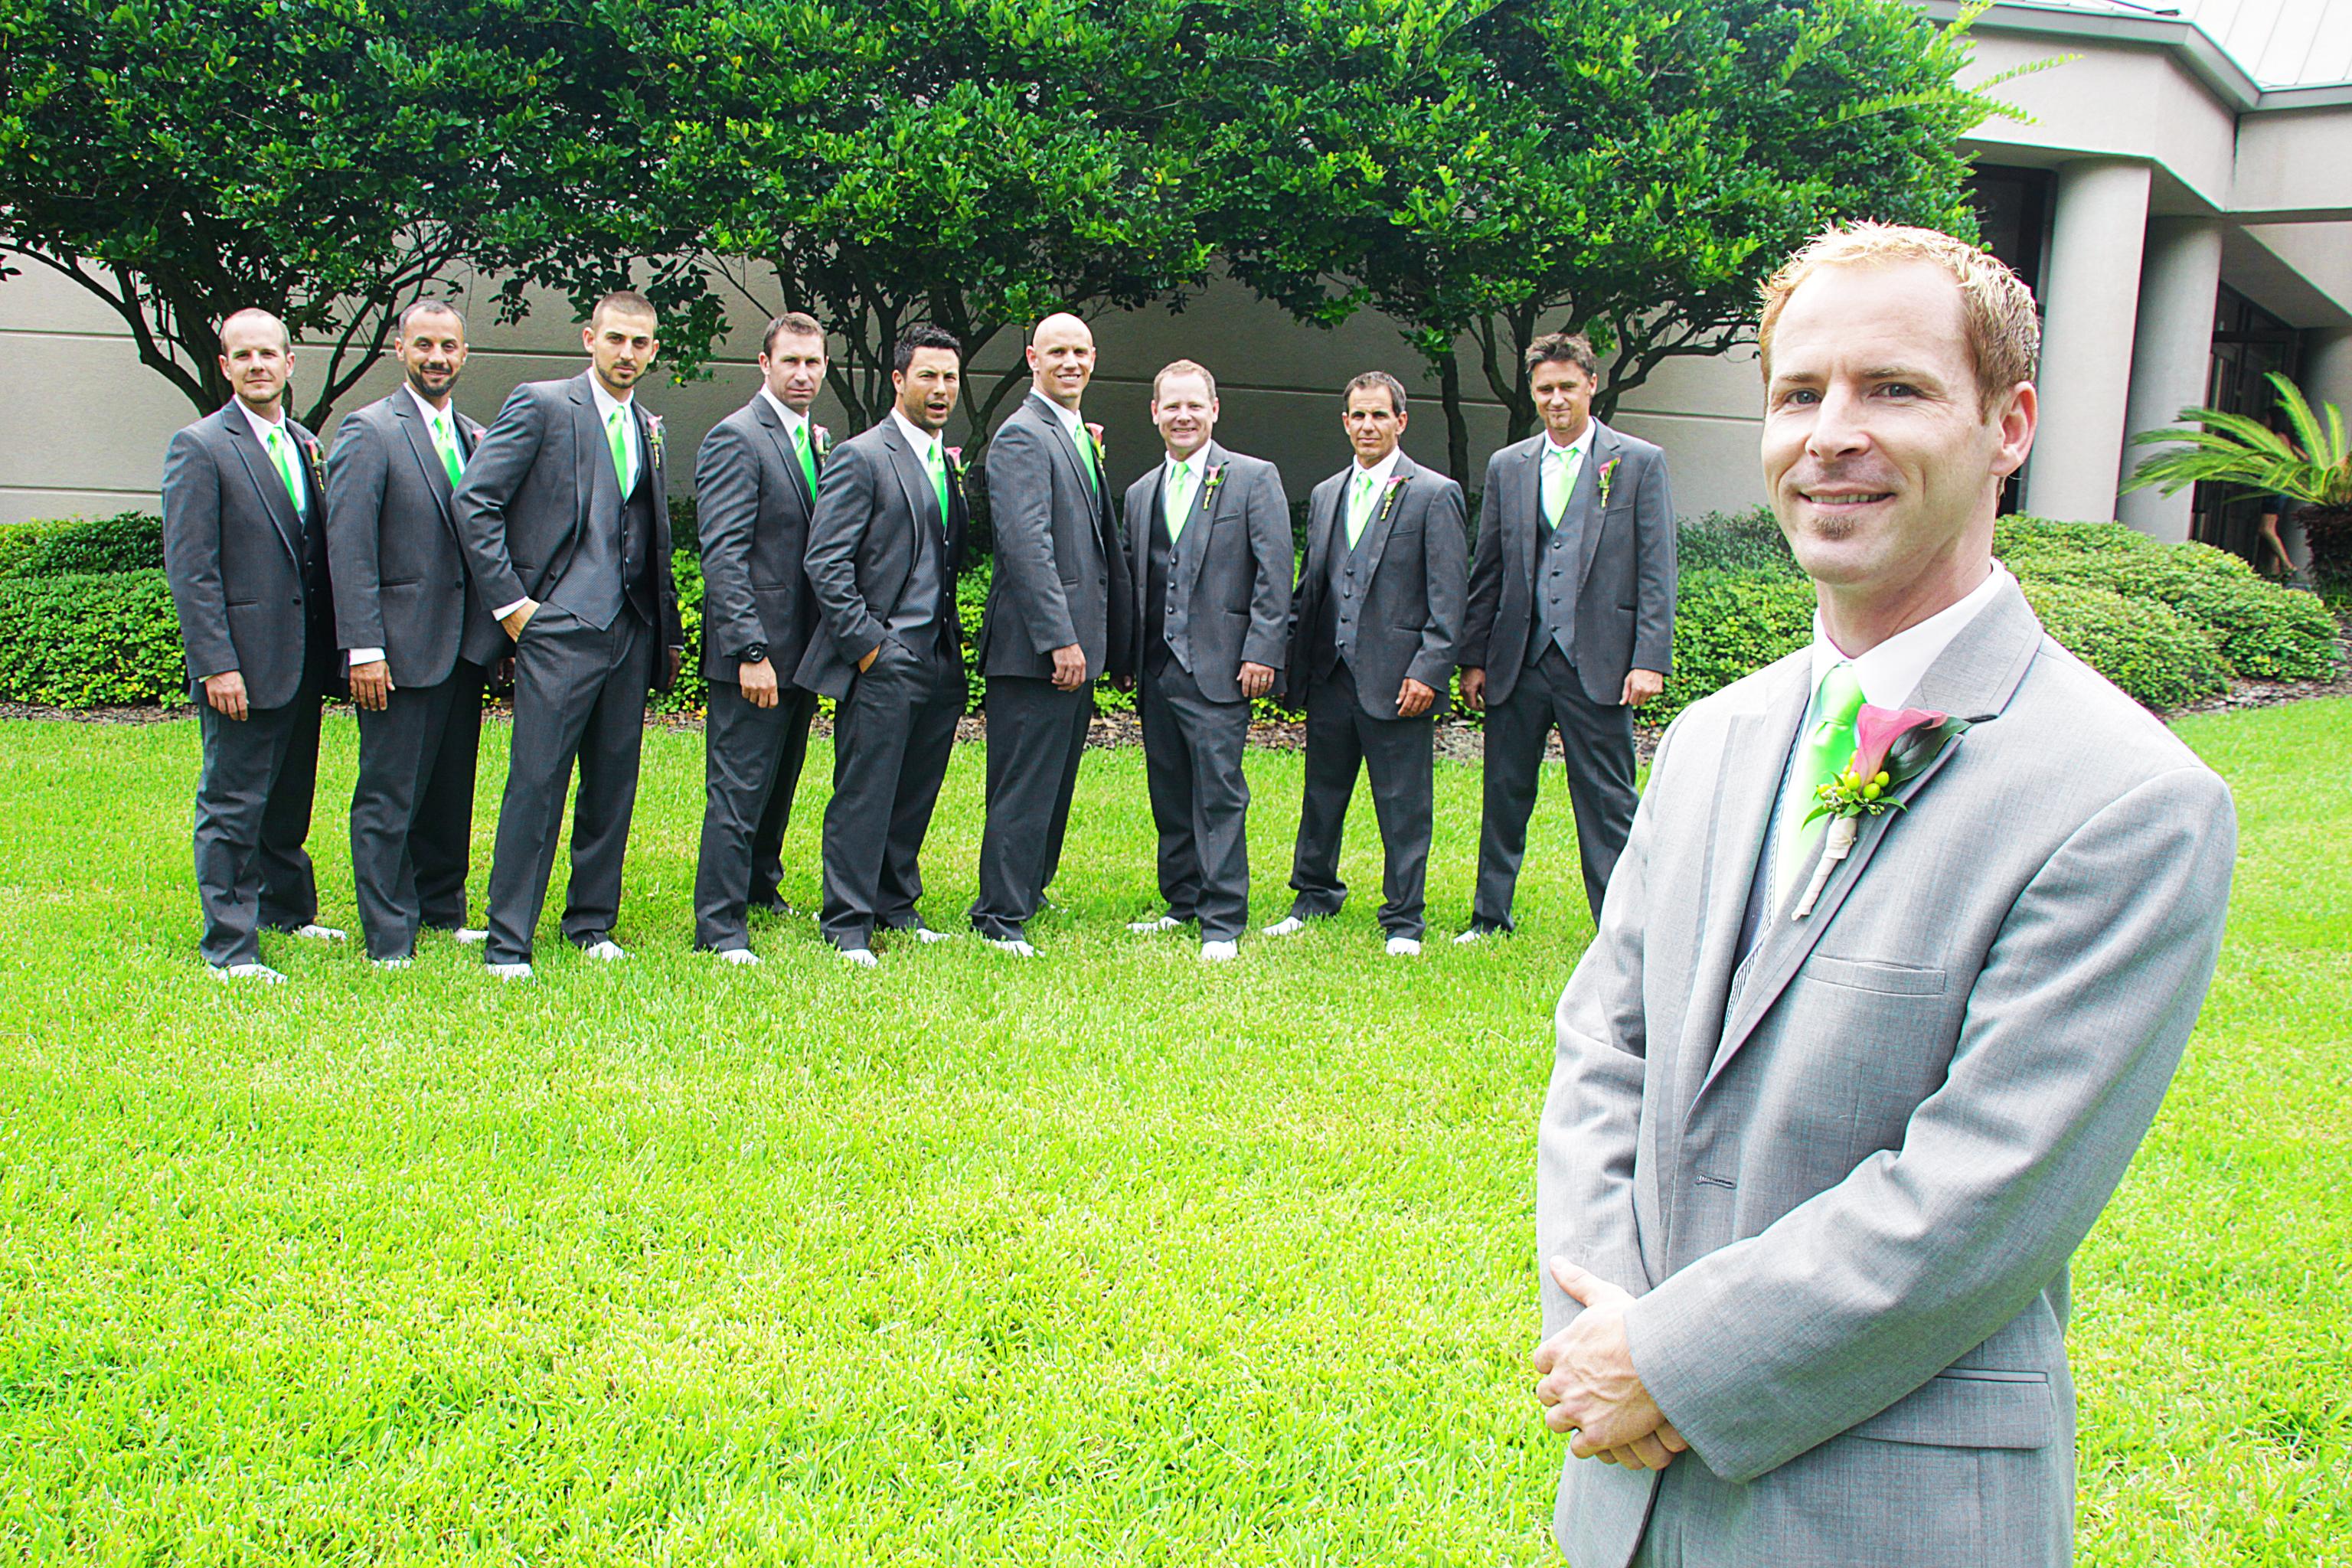 Groomsmen lineup